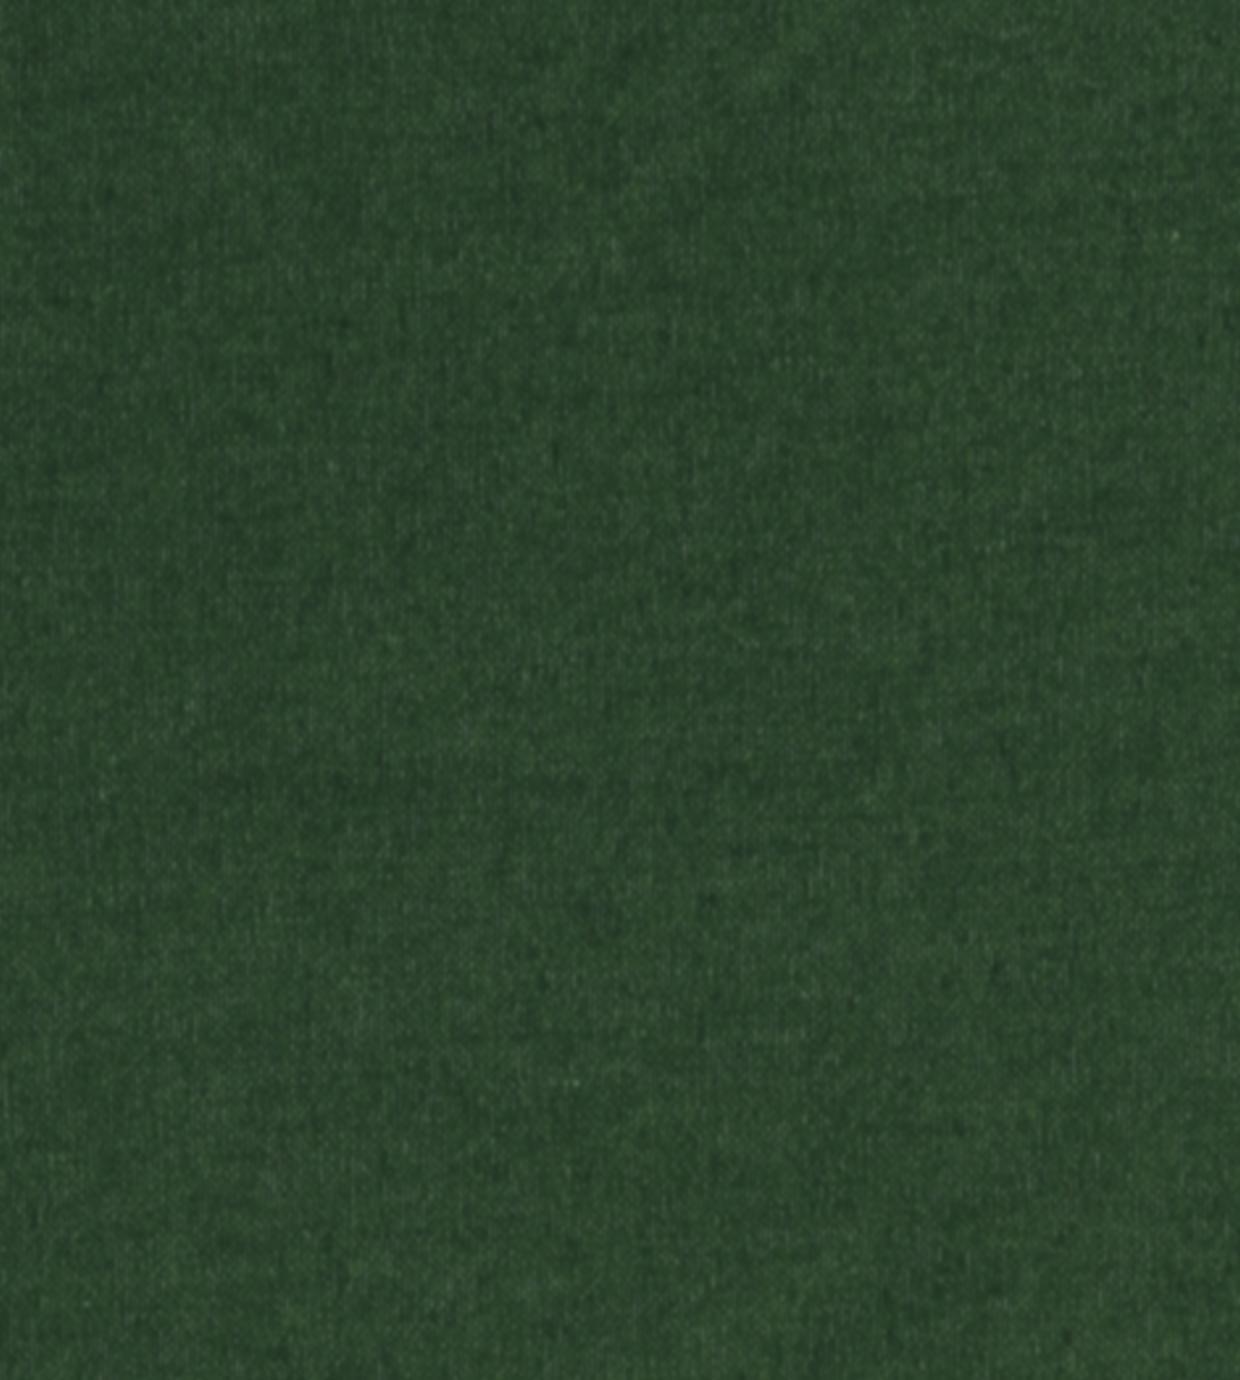 Housse clic-clac & 2 housses de coussins coloris vert Vista